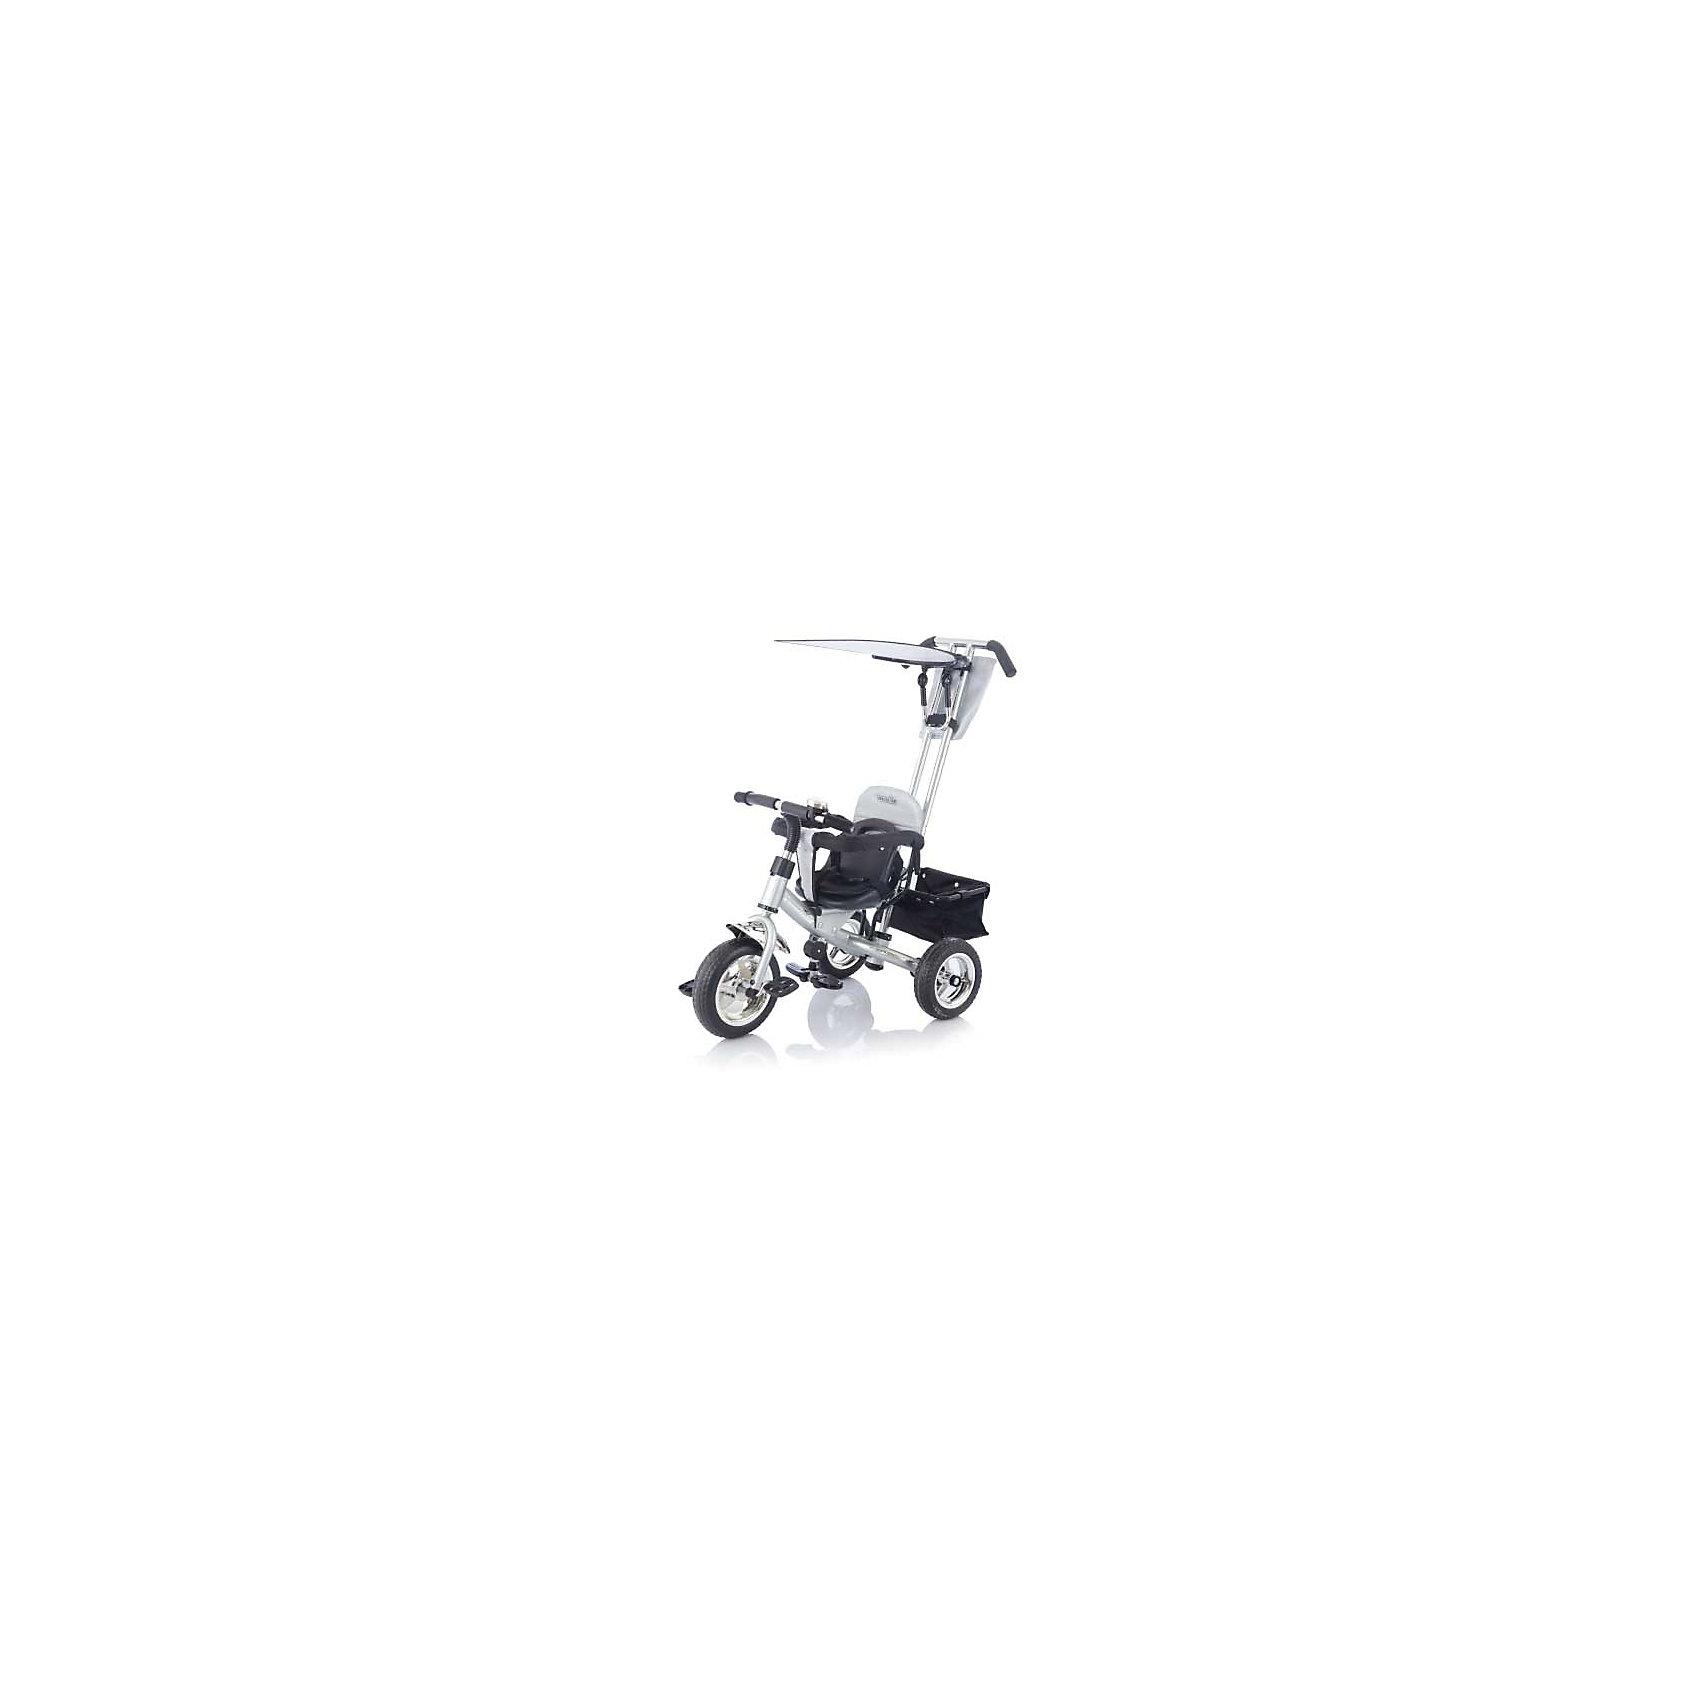 Велосипед трехколесный Lexus Trike Next Generation, серебро, Jetem